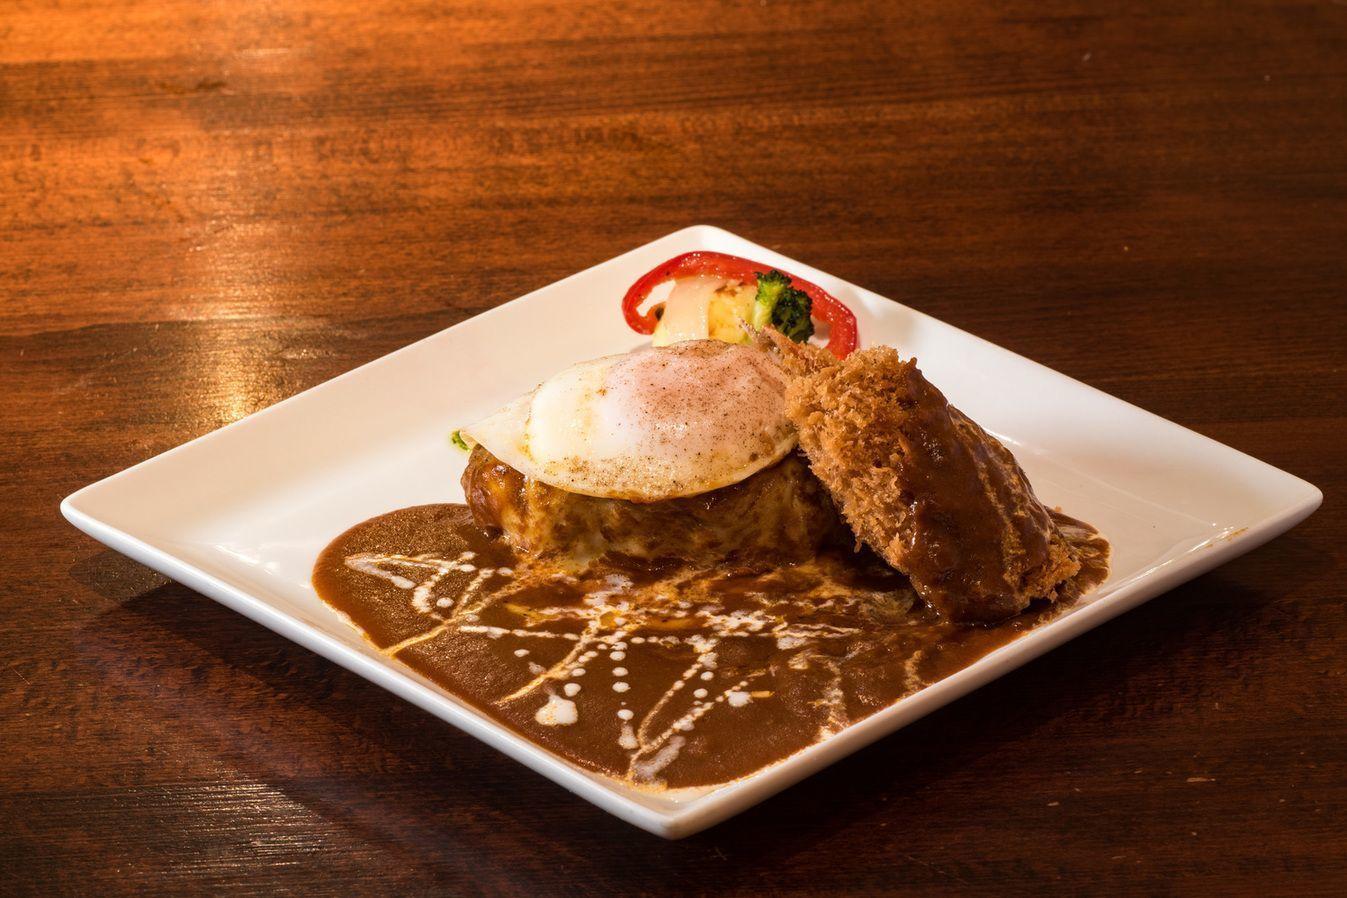 話題!絶品!渋谷に来たら1度は食べたい人気のグルメを紹介!の画像